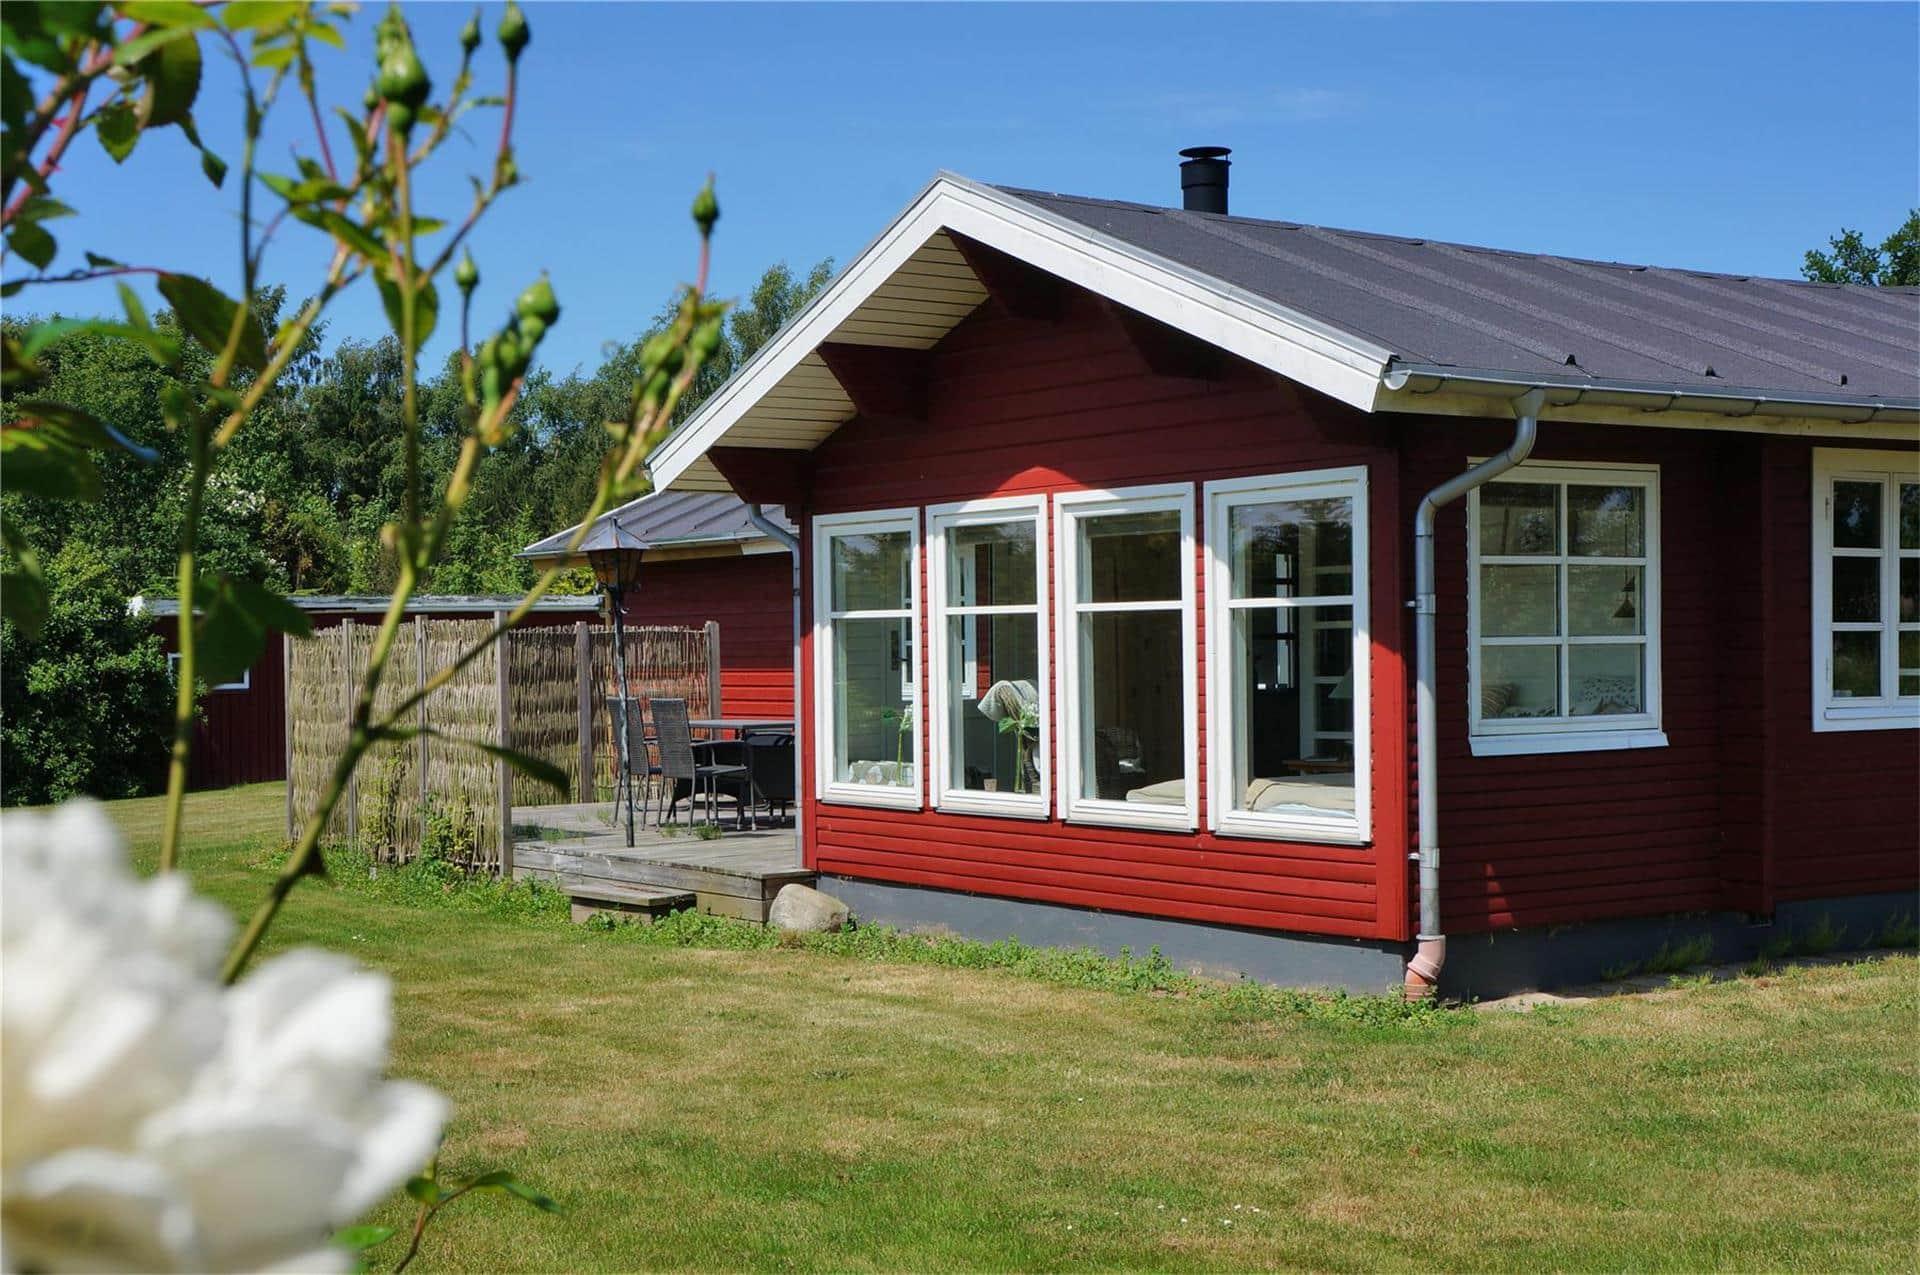 Billede 1-3 Sommerhus M65436, Strandholmen 43, DK - 5642 Millinge